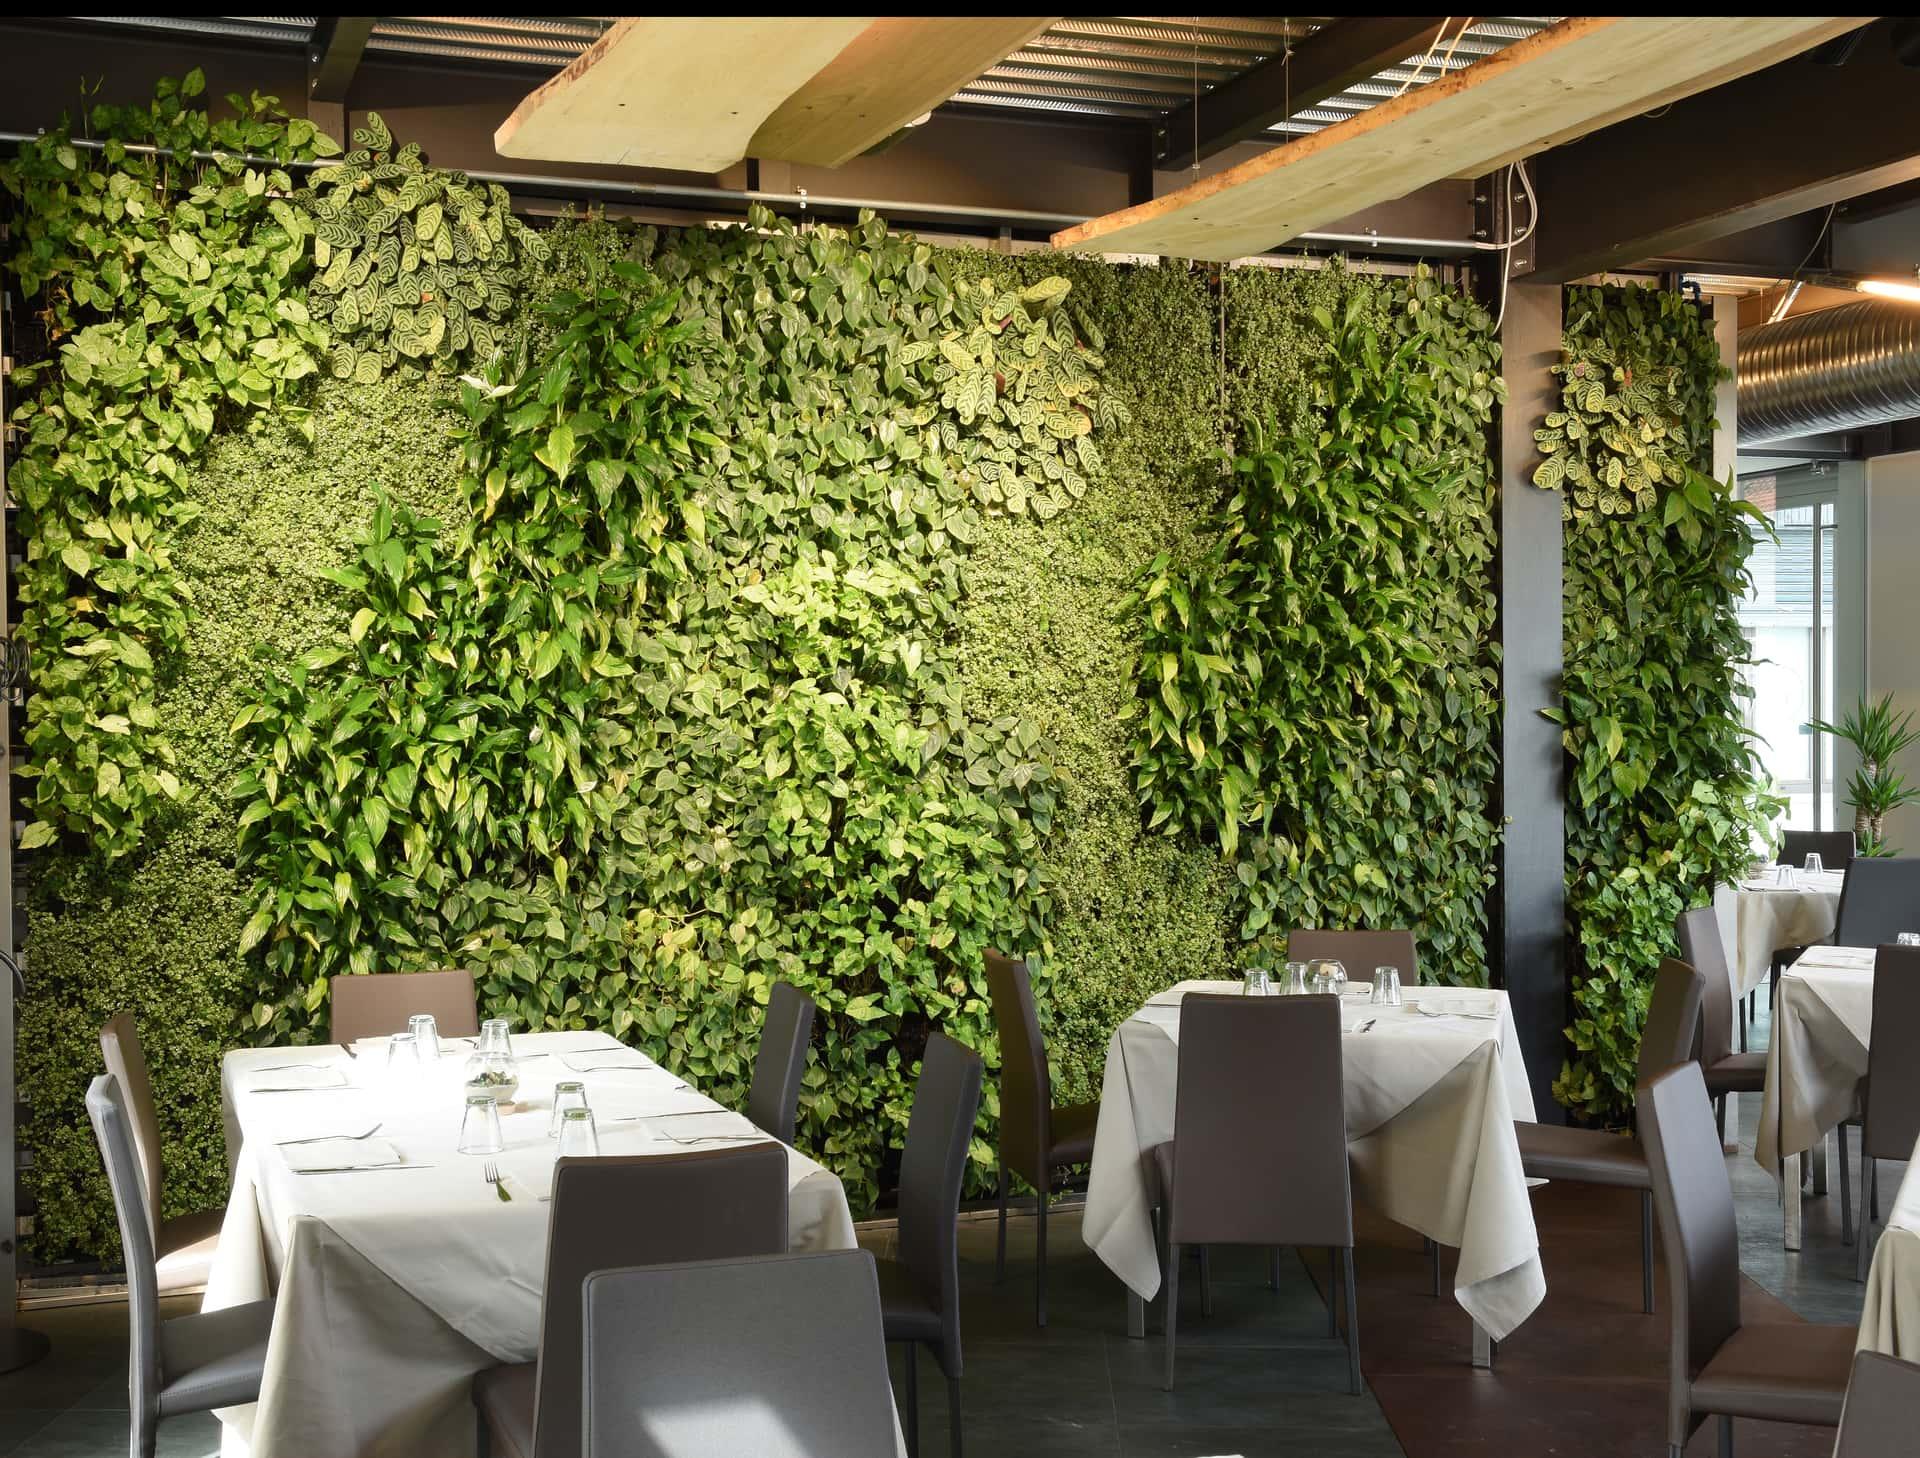 Giardini verticali ristorante il dollaro divomi design vivo milano for Giardini verticali milano